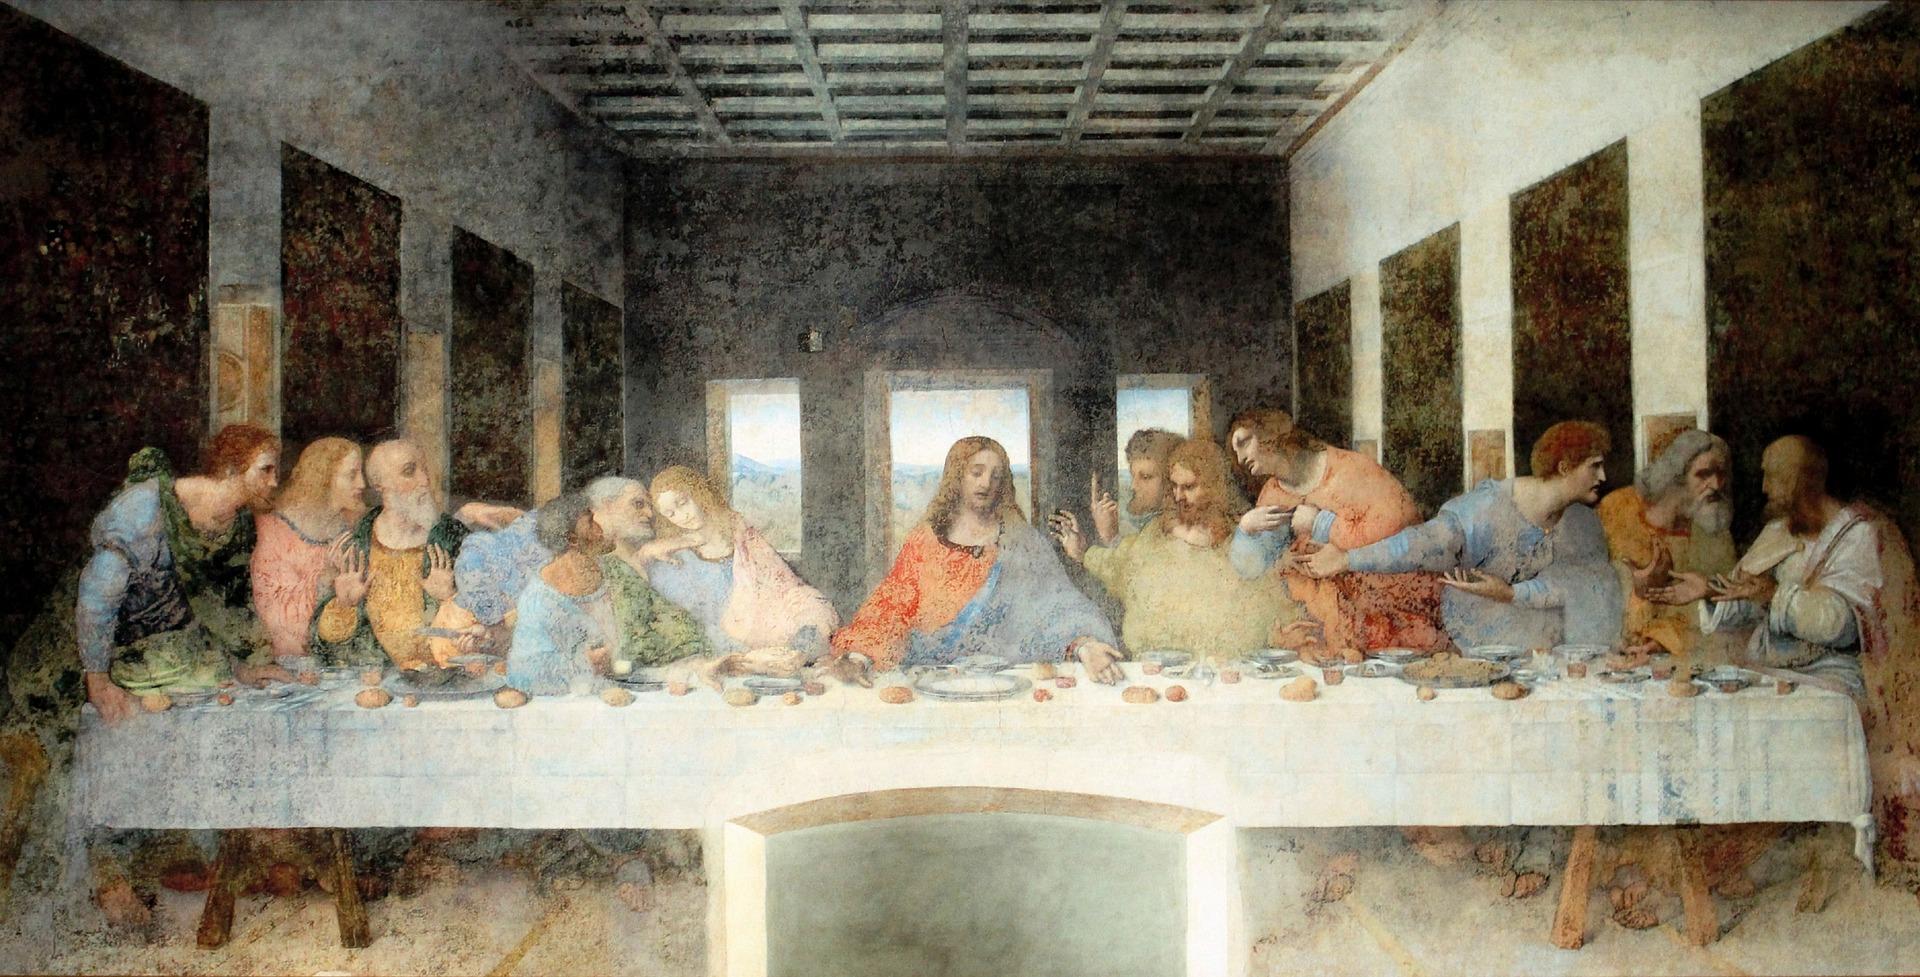 Holy Week: Maundy Thursday